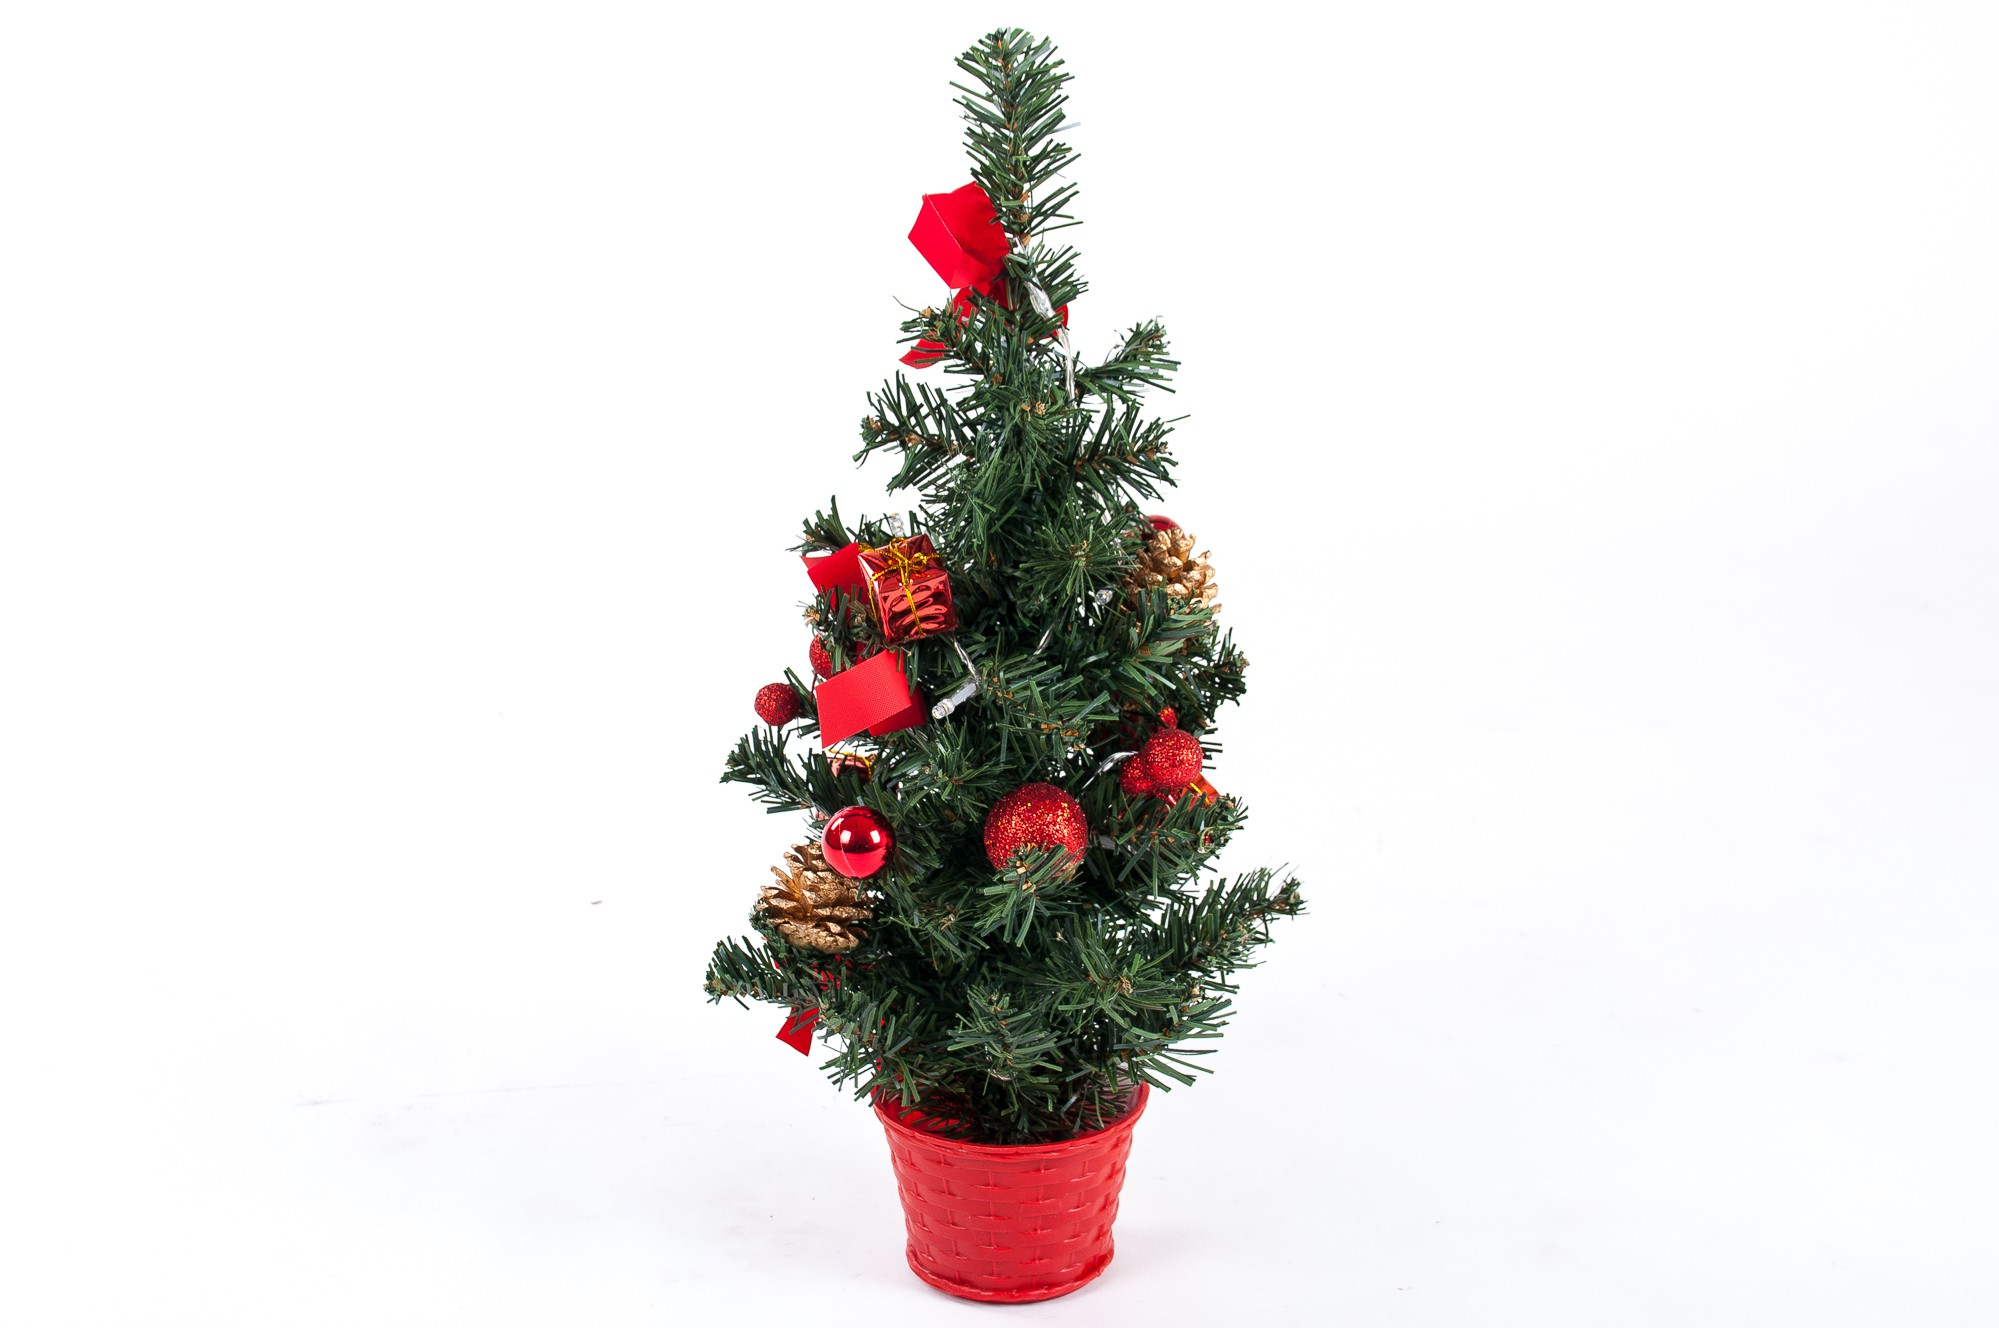 Top 28 fiberglas weihnachtsbaum k 252 nstlicher weihnachtsbaum mit beleuchtung online kaufen - Weihnachtsbaum fiberglas ...